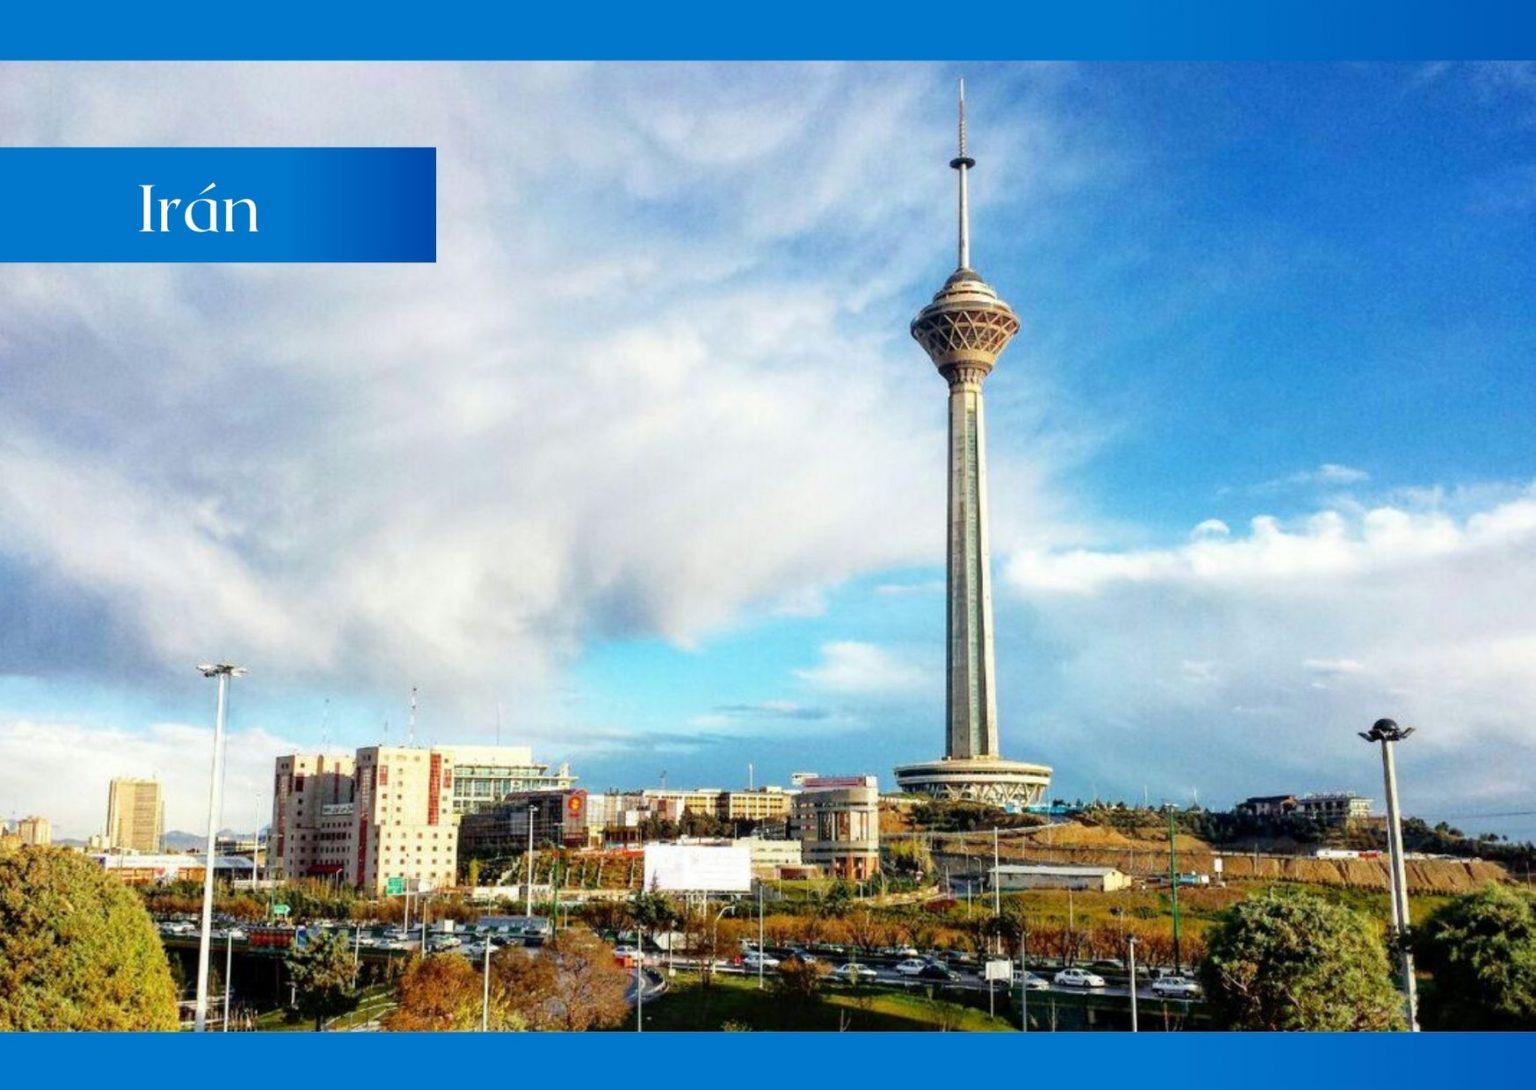 Irán es considerado una superpotencia energética con considerables avances en la ciencia y la tecnología.